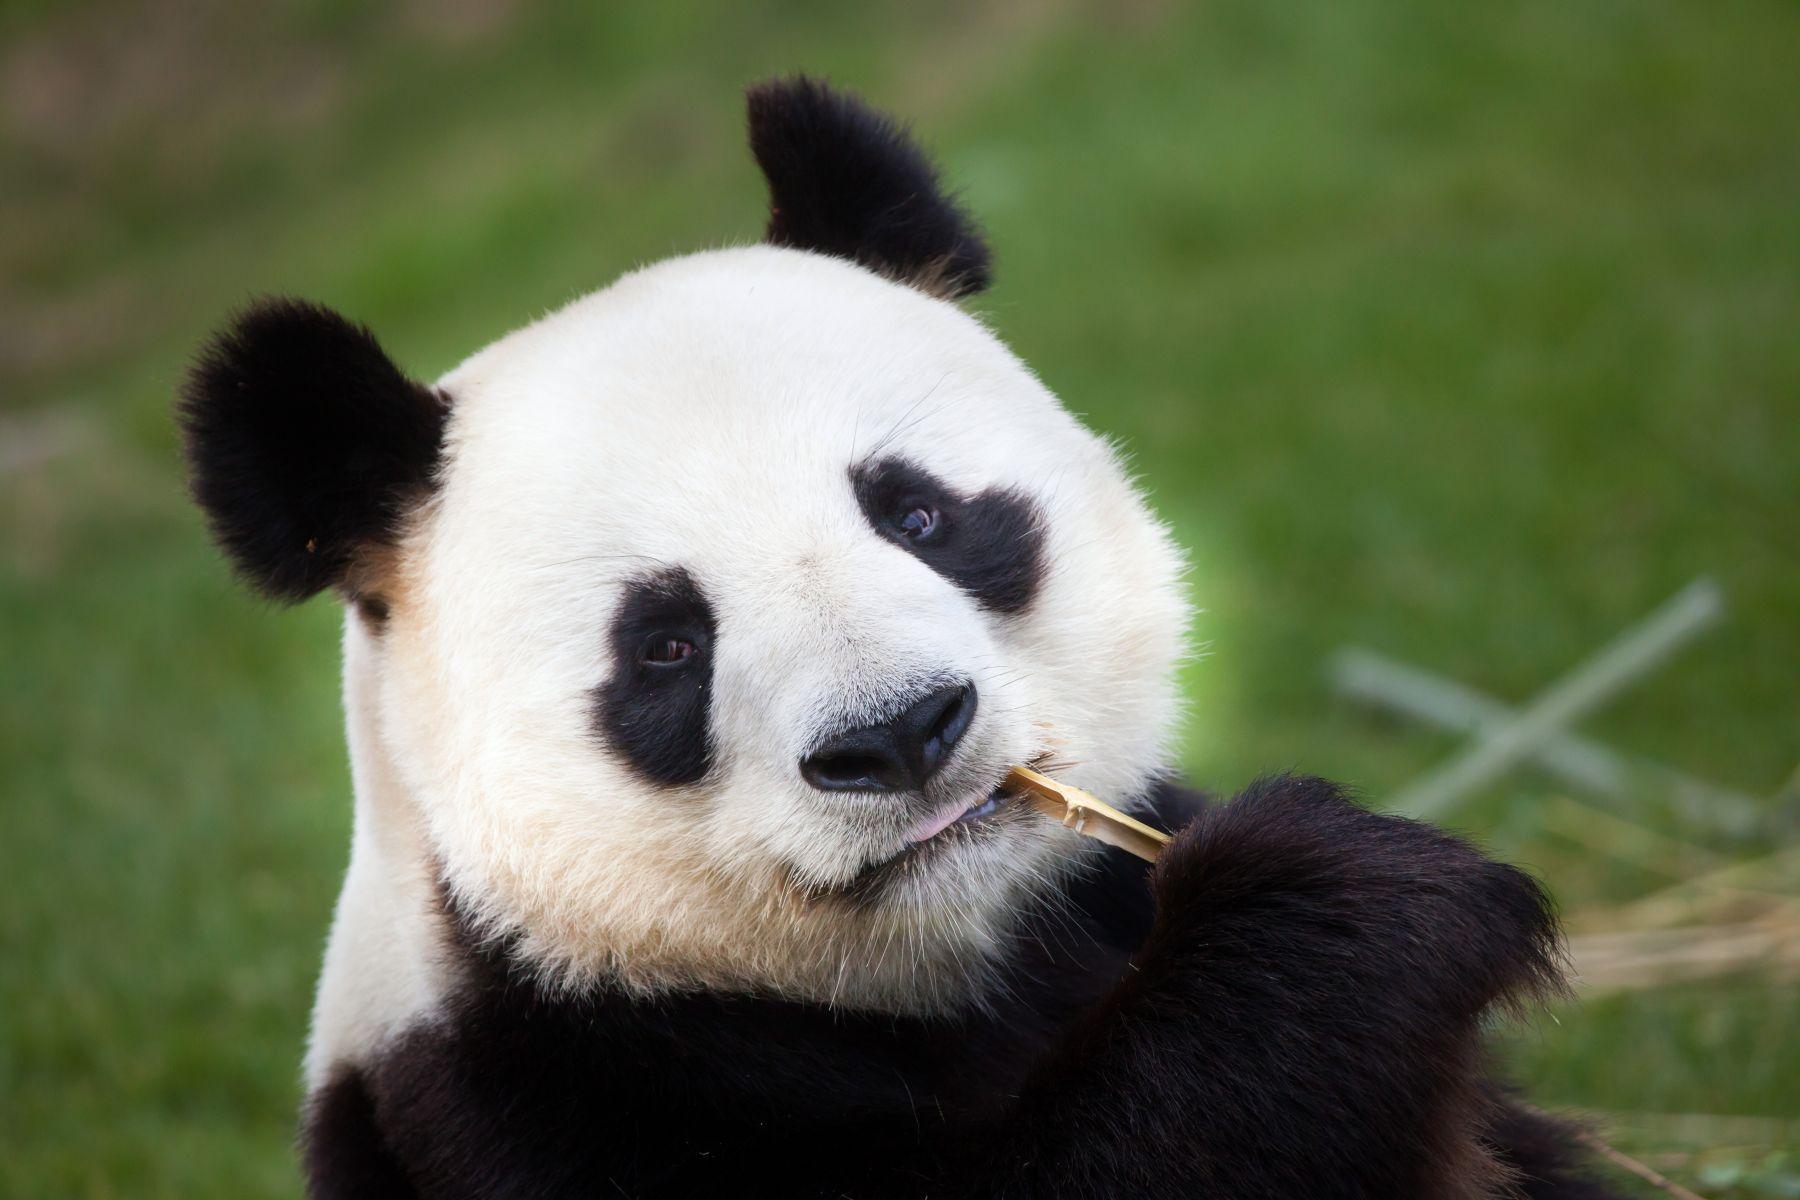 中國擬送貓熊給高雄 呂秋遠批殘忍:只為滿足人類的觀看慾